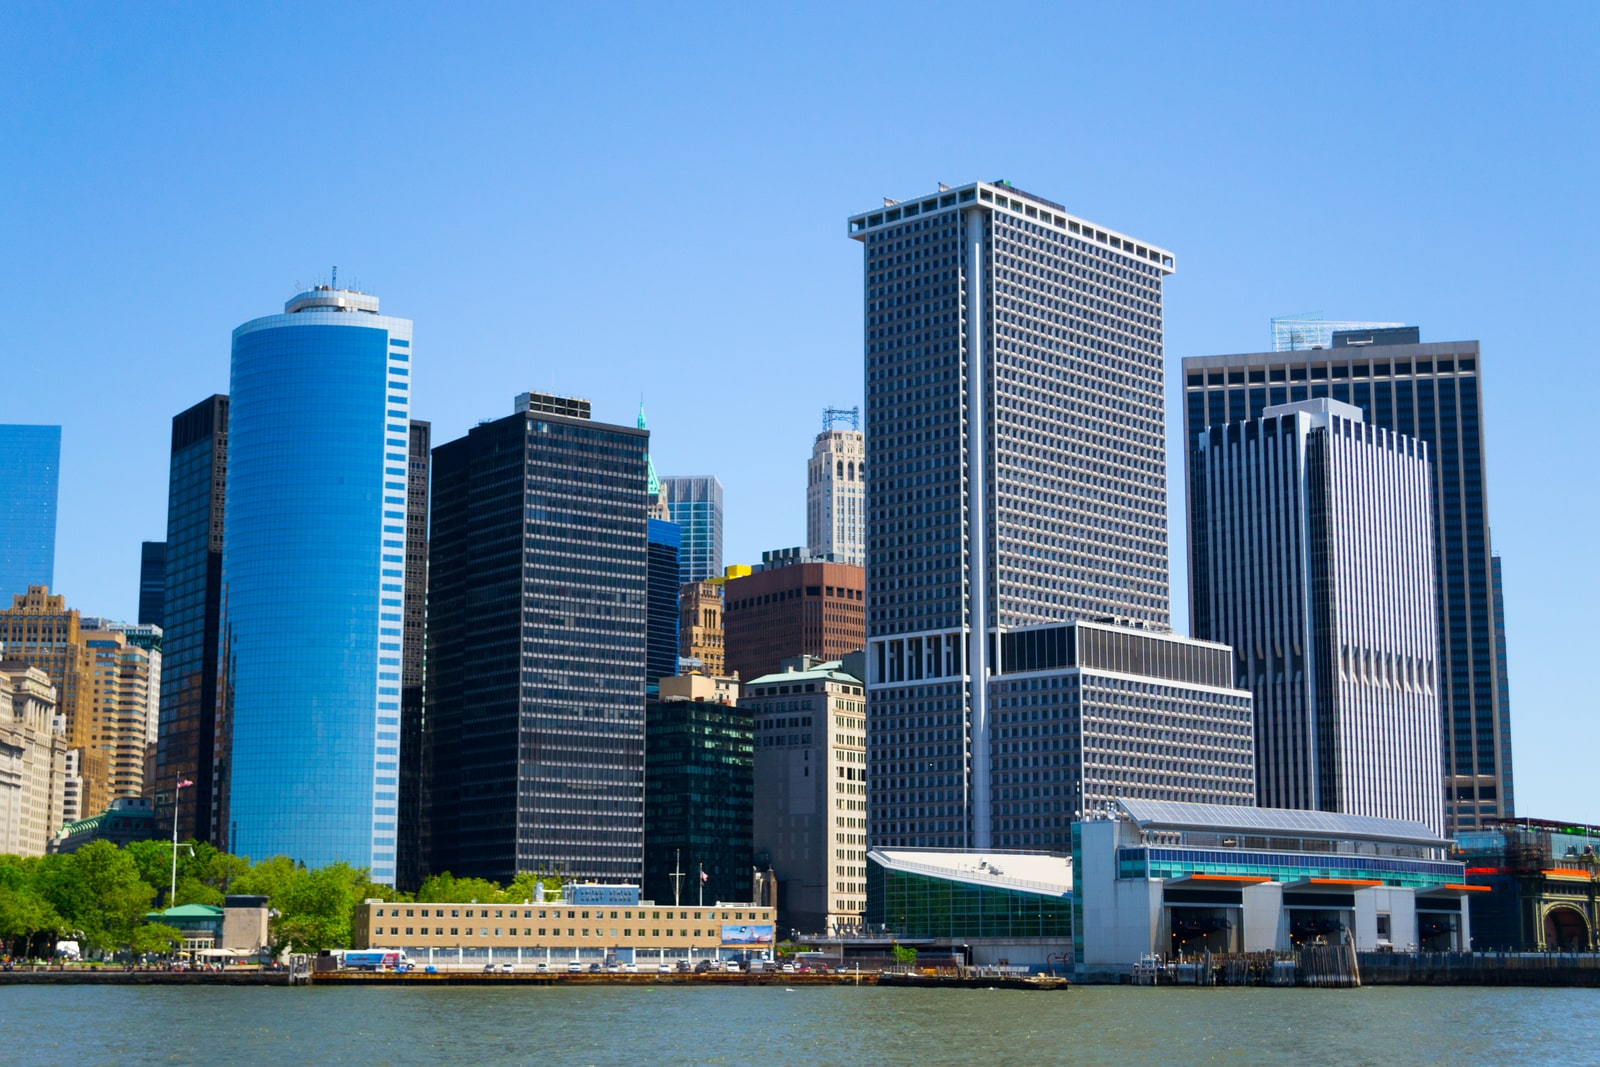 Bay Terrace Staten Island, NY Private Investigator